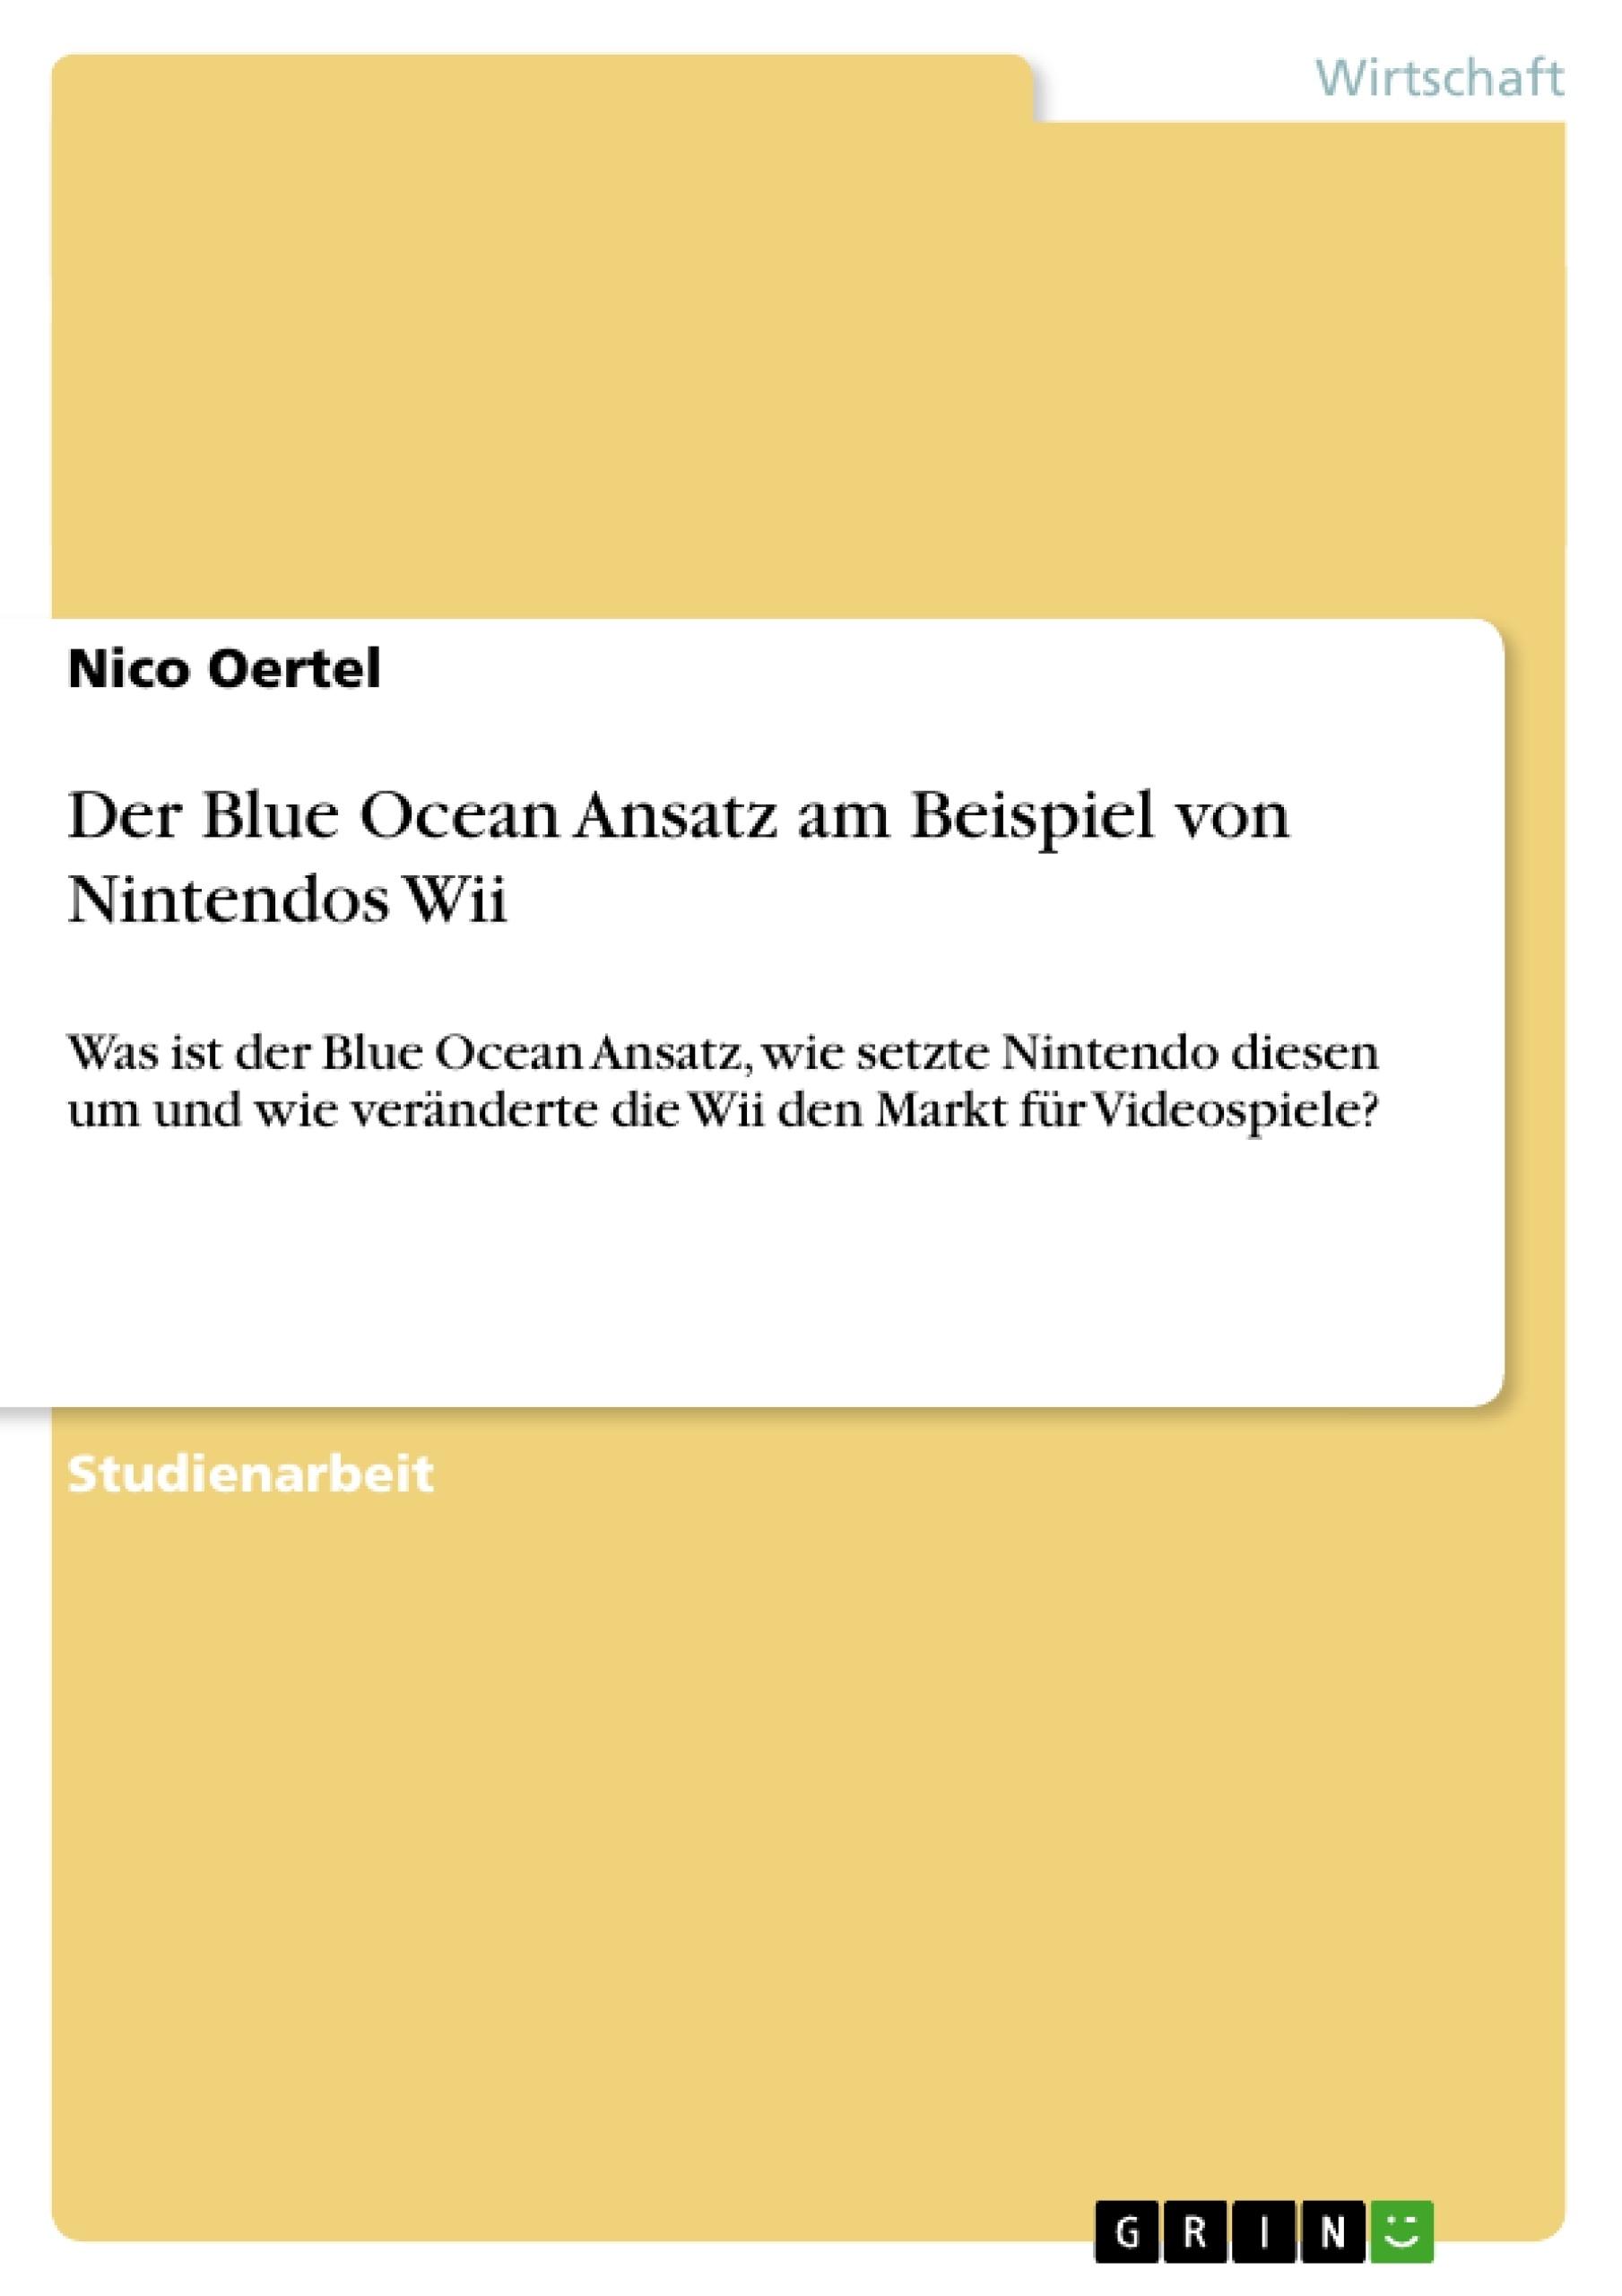 Titel: Der Blue Ocean Ansatz am Beispiel von Nintendos Wii